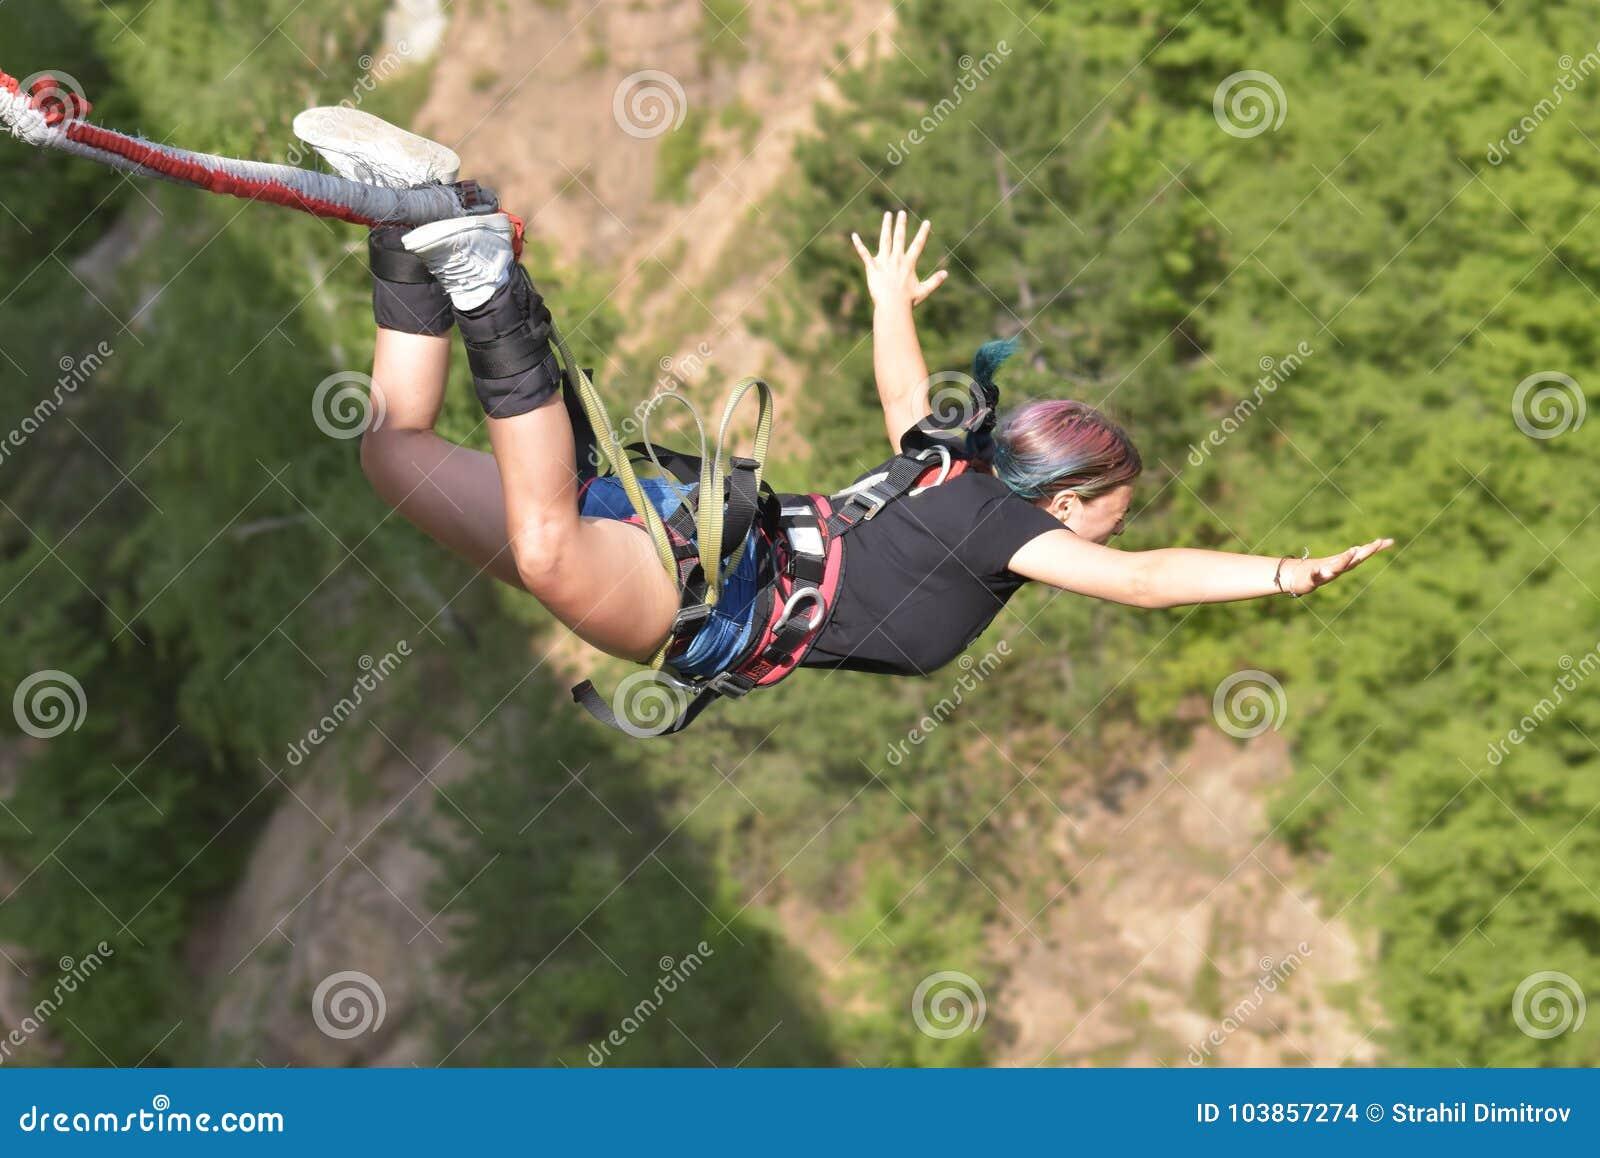 Salti dell ammortizzatore ausiliario, estremo e sport di divertimento